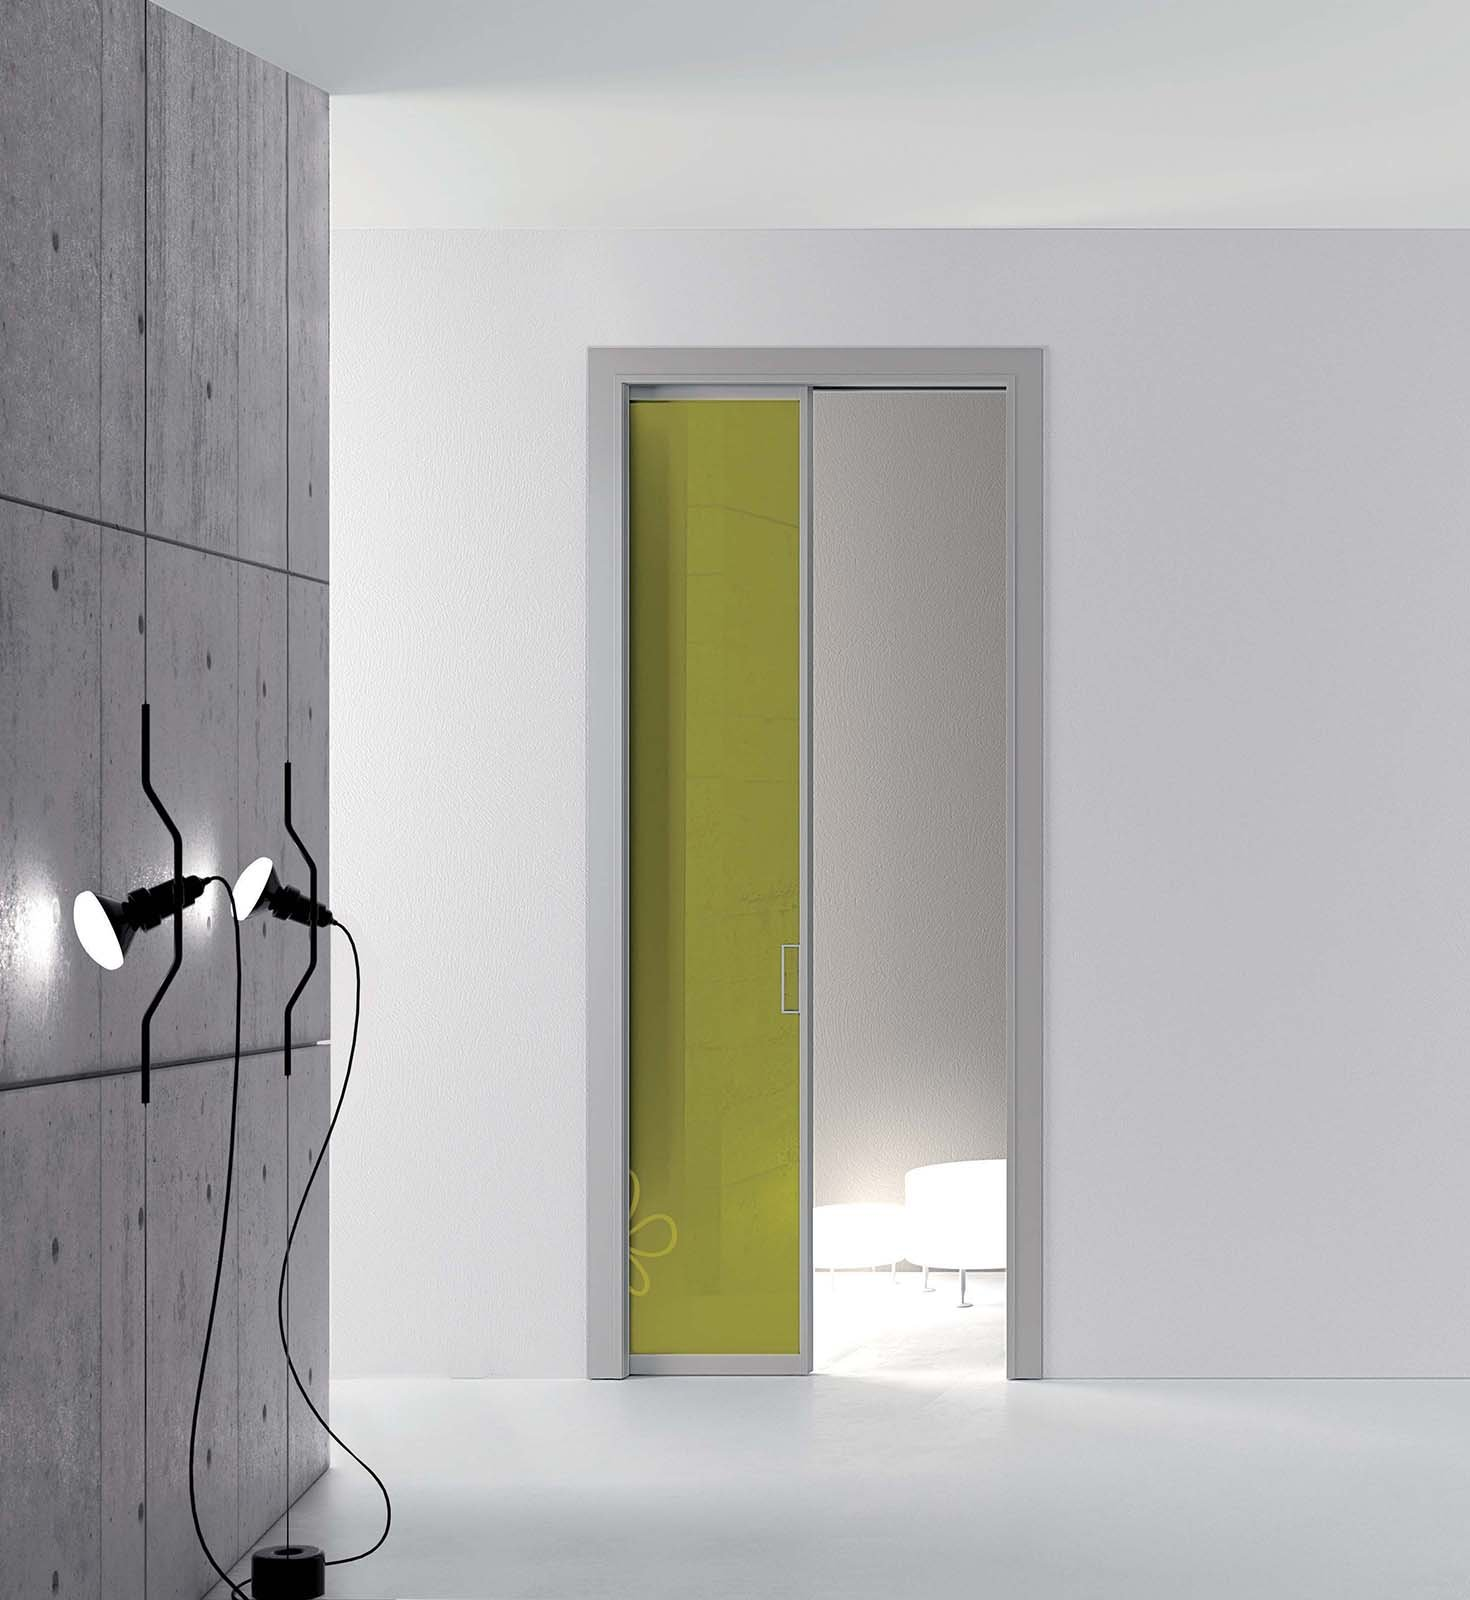 Porte scorrevoli in vetro a scomparsa o esterno muro cose di casa - Porte scorrevoli interno muro prezzi ...